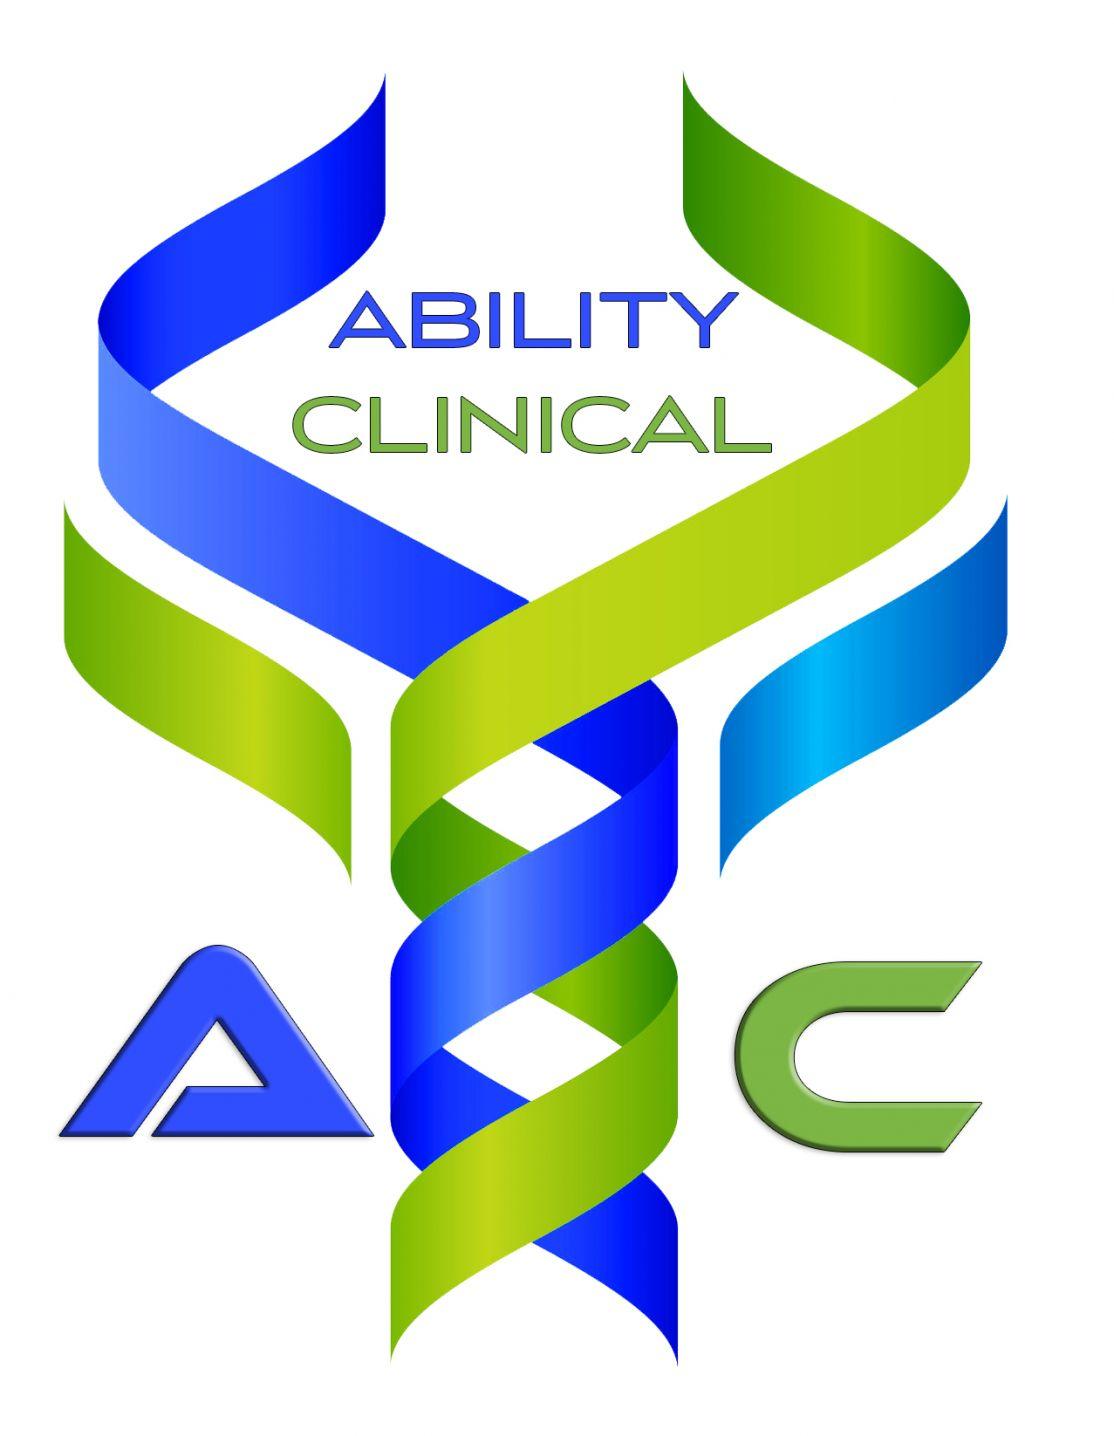 abilityclinical Logo